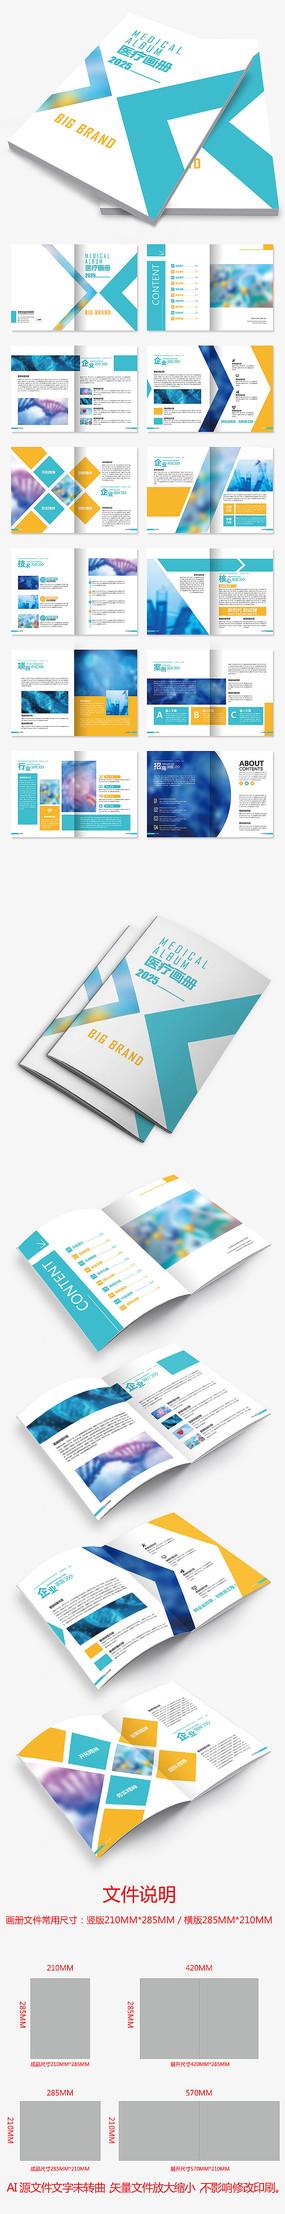 蓝橙色医疗医药生物制药画册